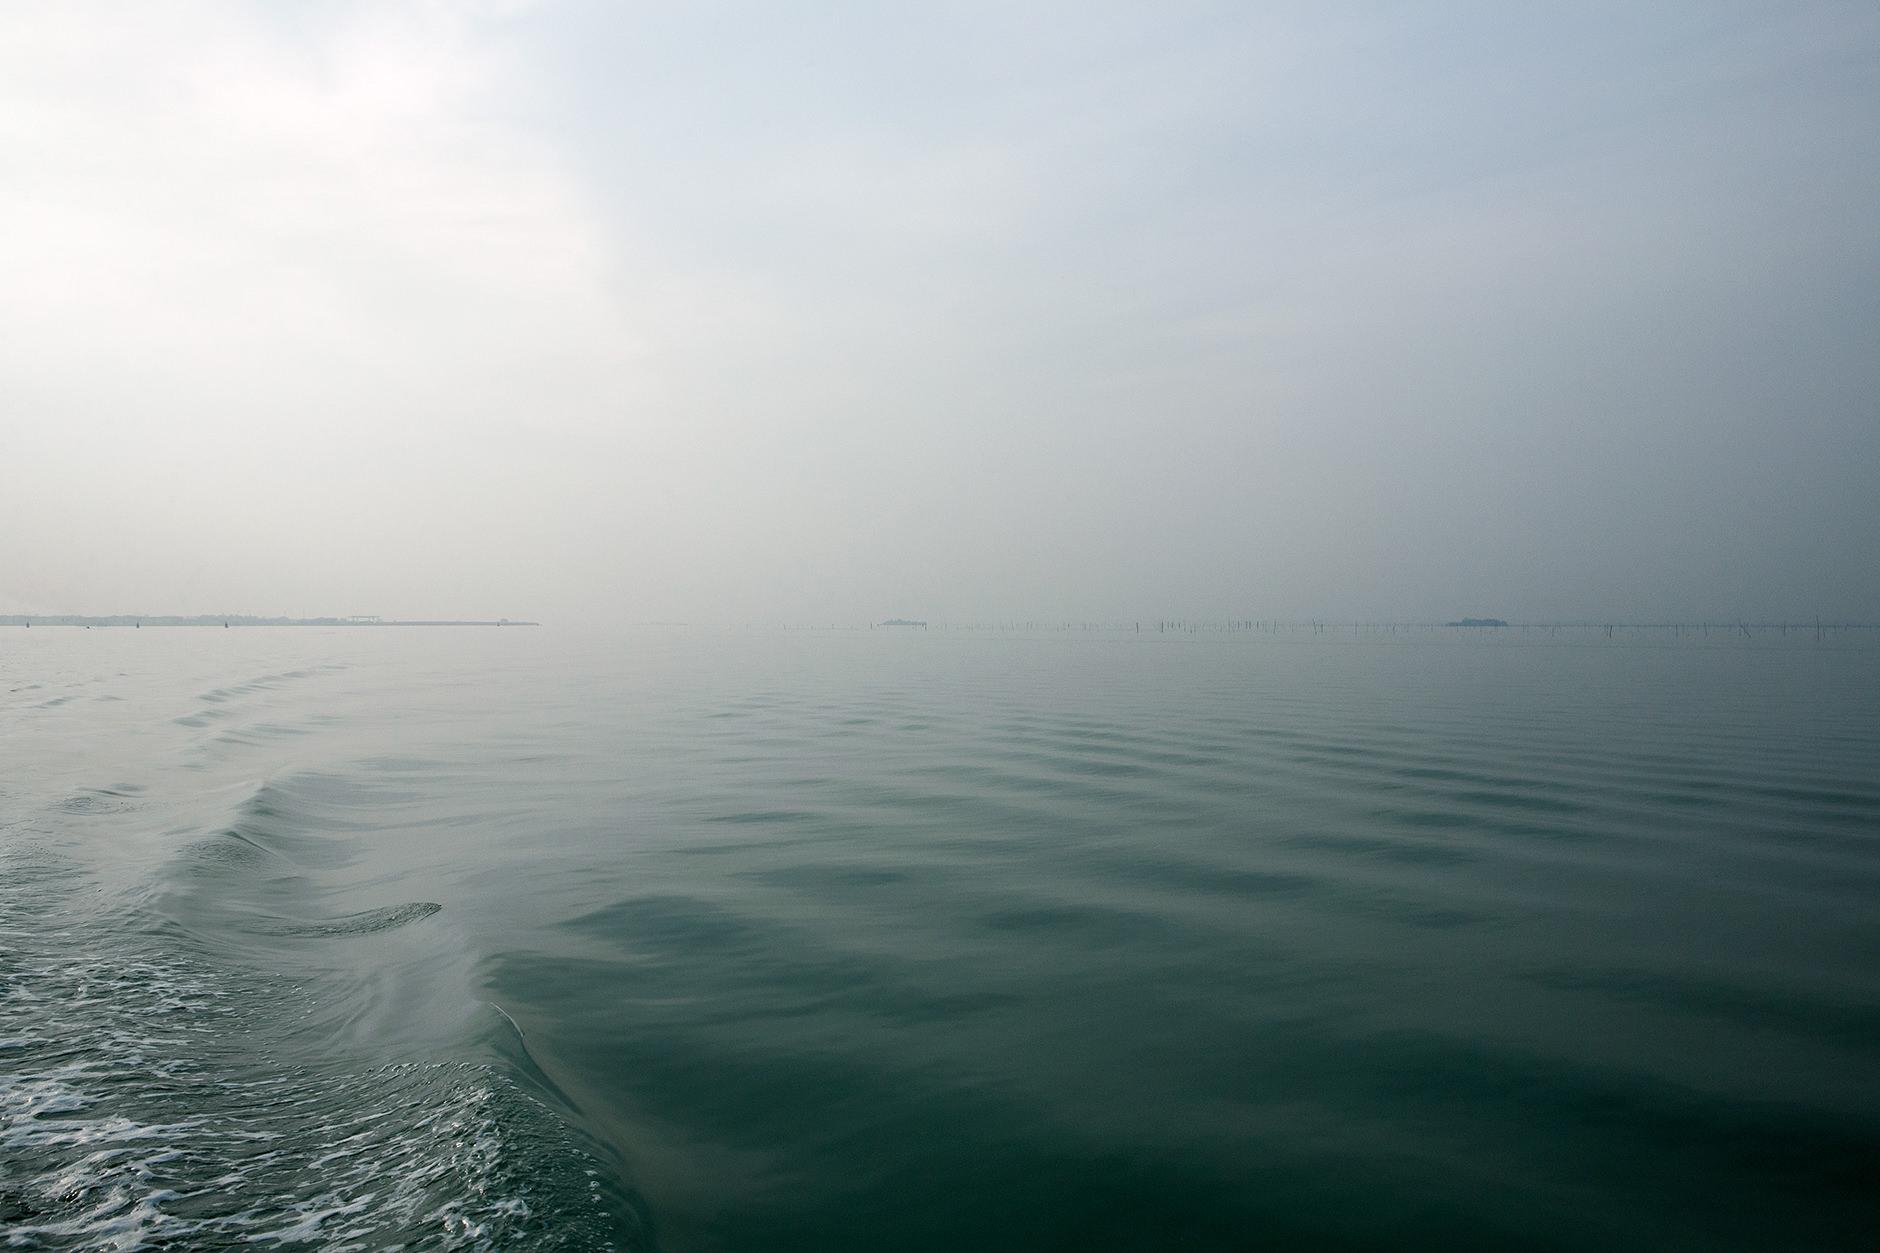 Michelle Grant | Stillness | Sea study #3